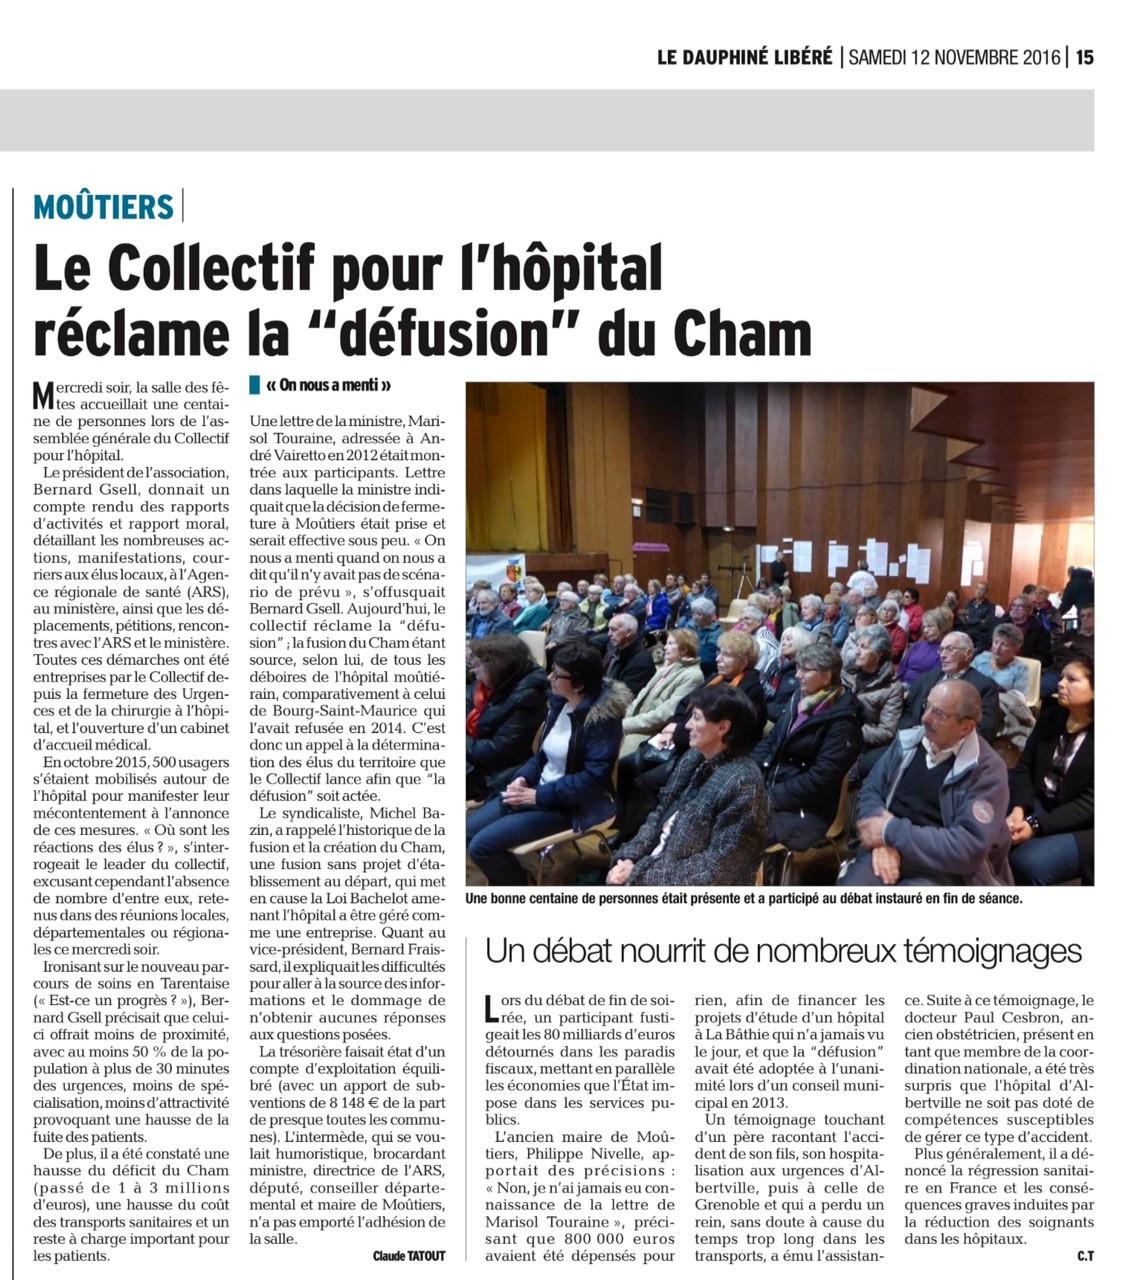 2016-11-12-dl-le-collectif-pour-lhopital-reclame-la-defusion-du-cham